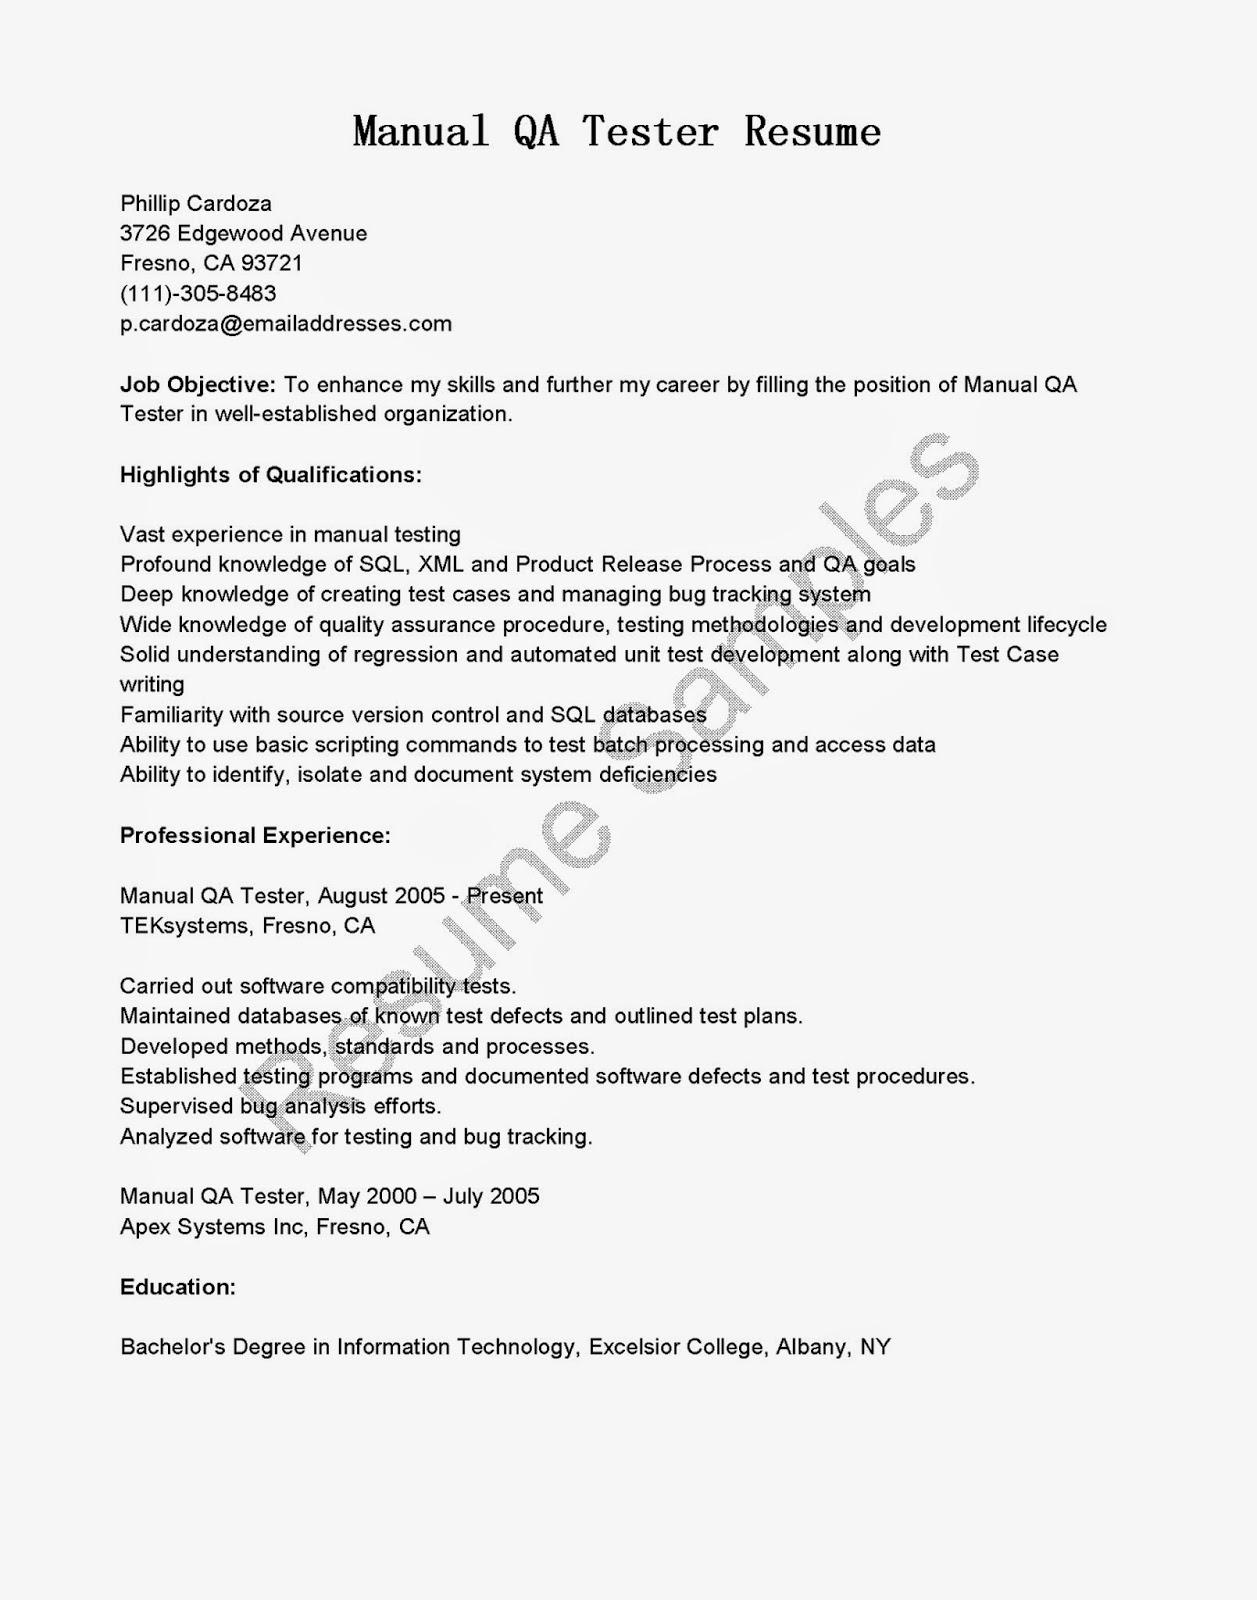 Sample Resume For Qa Tester Qa Resume Templates Resume Templates Qa  Application Tester Resume Qa Resume